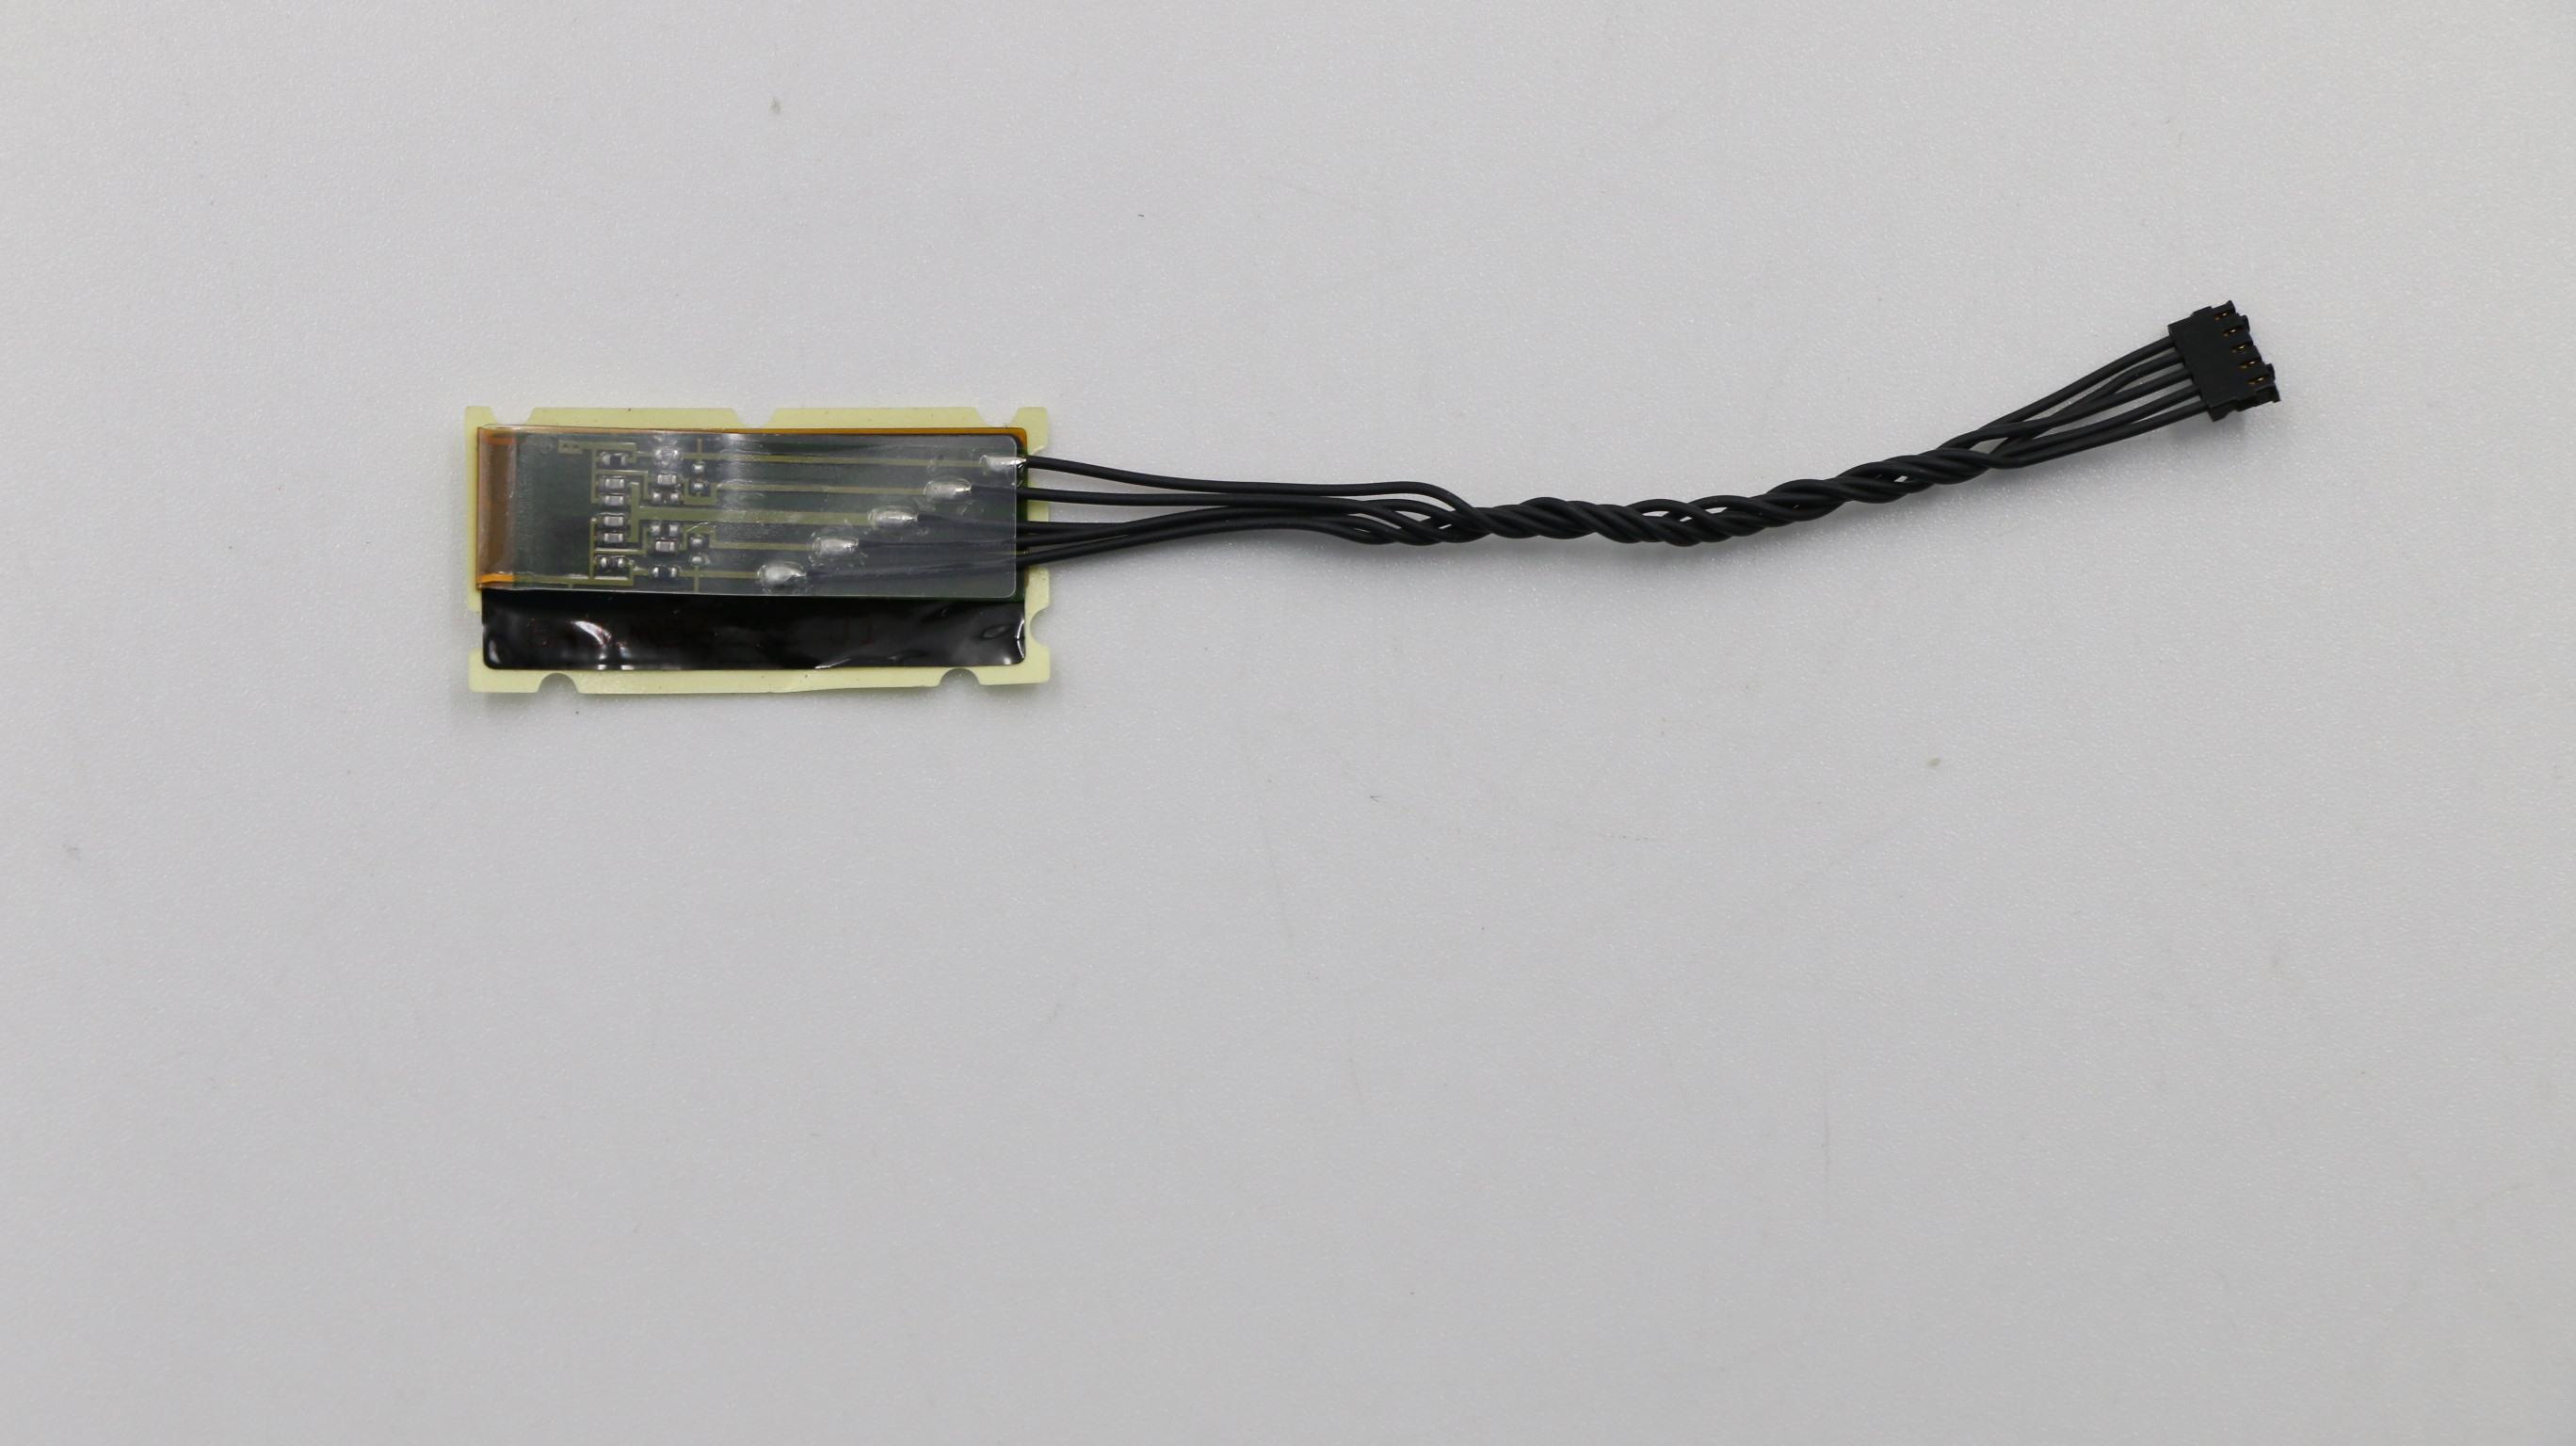 جديد الأصلي لينوفو ثينك باد P52 P53 T14 P15s T15 T580 T480 T470 X270 L480 L580 L490 L590 NFC هوائي 02HK819 02HK820